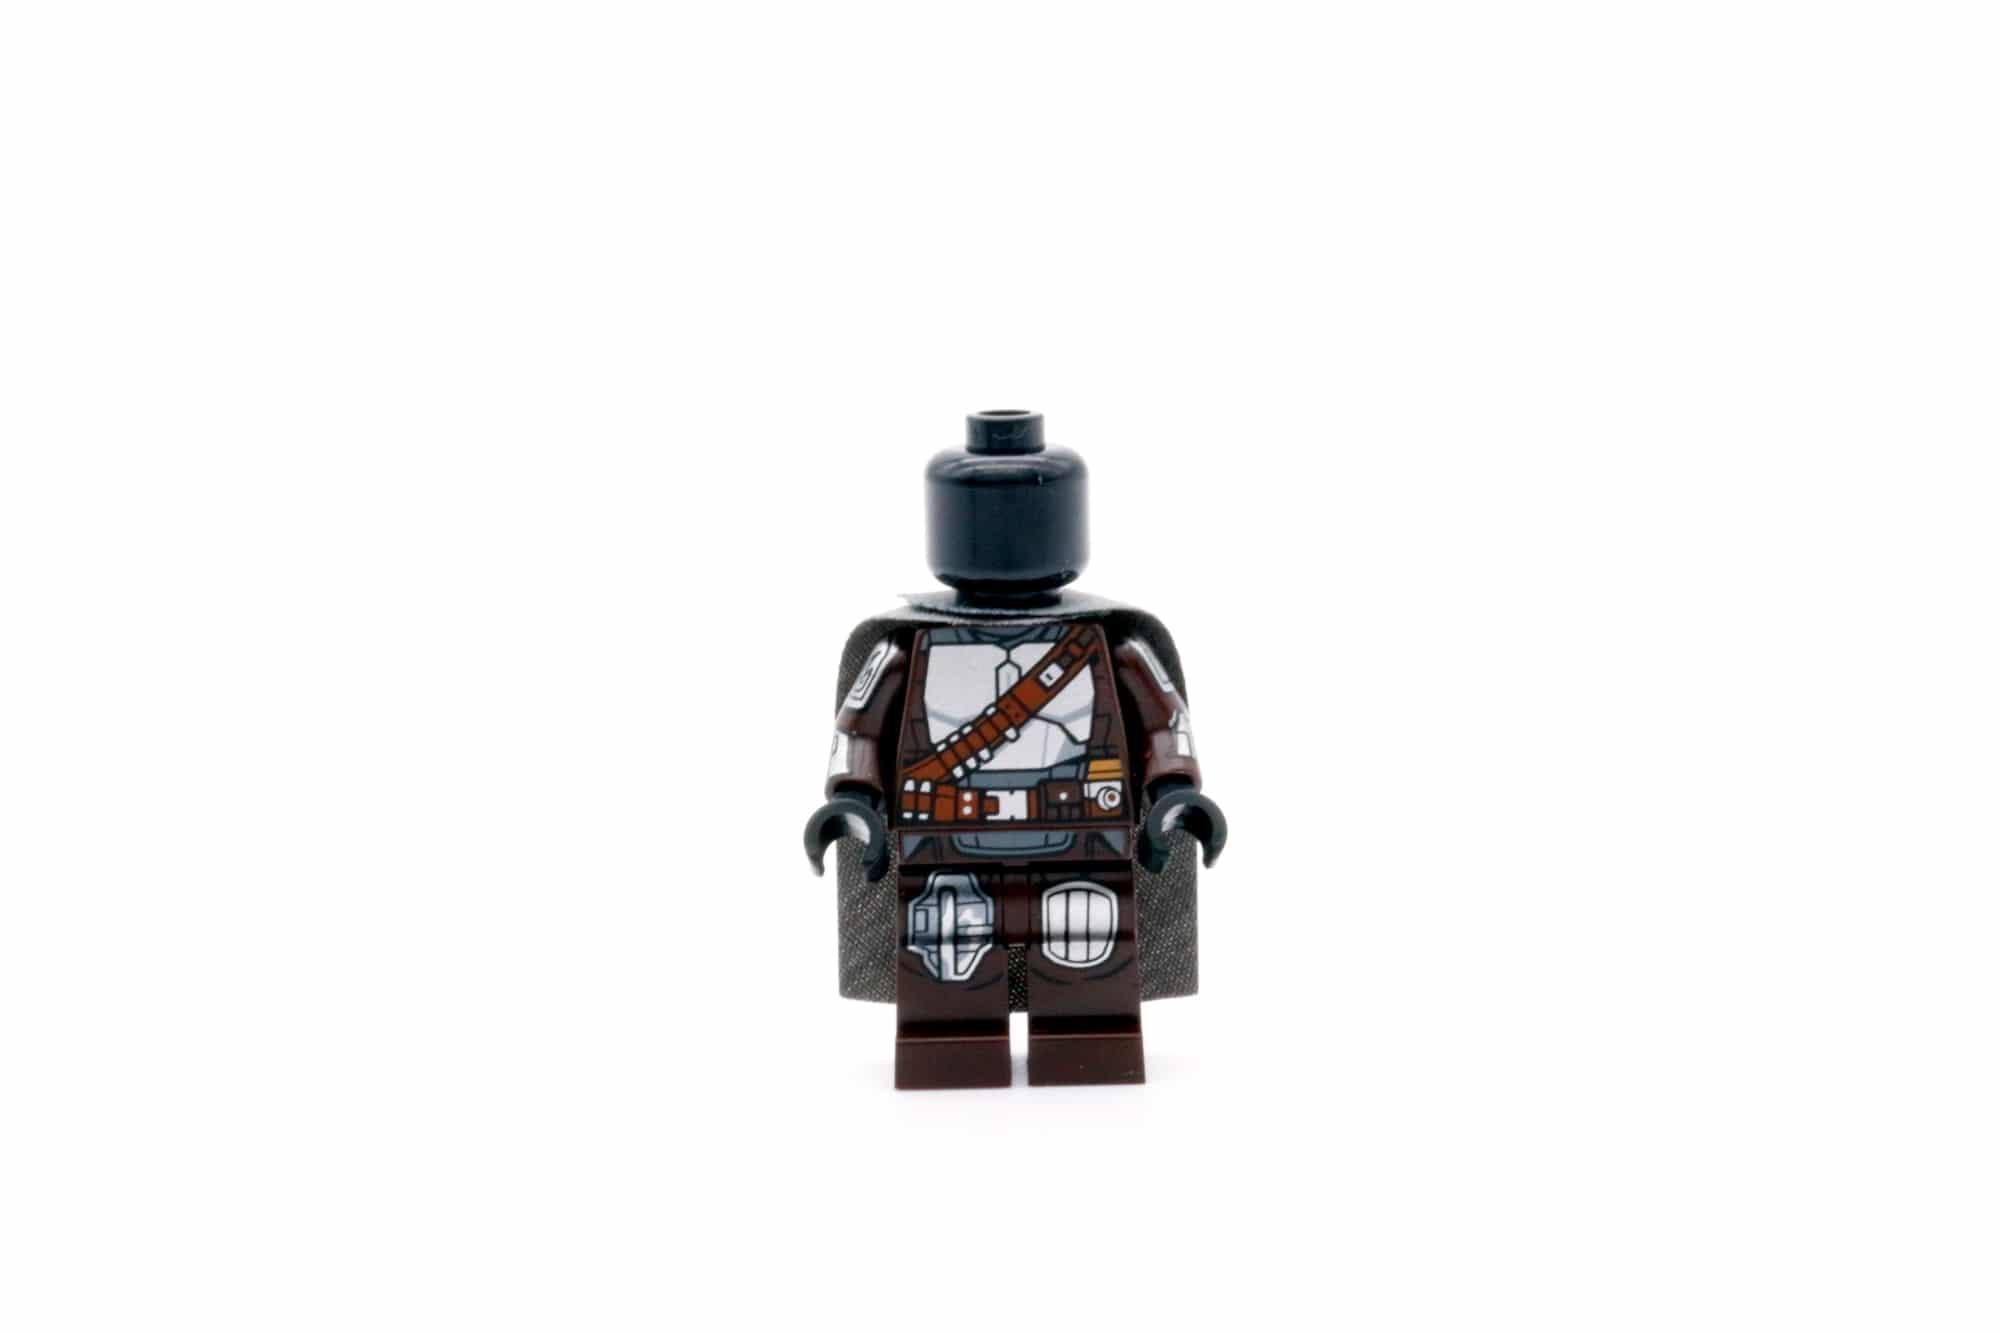 LEGO Star Wars 75312 Boba Fetts Starship 43